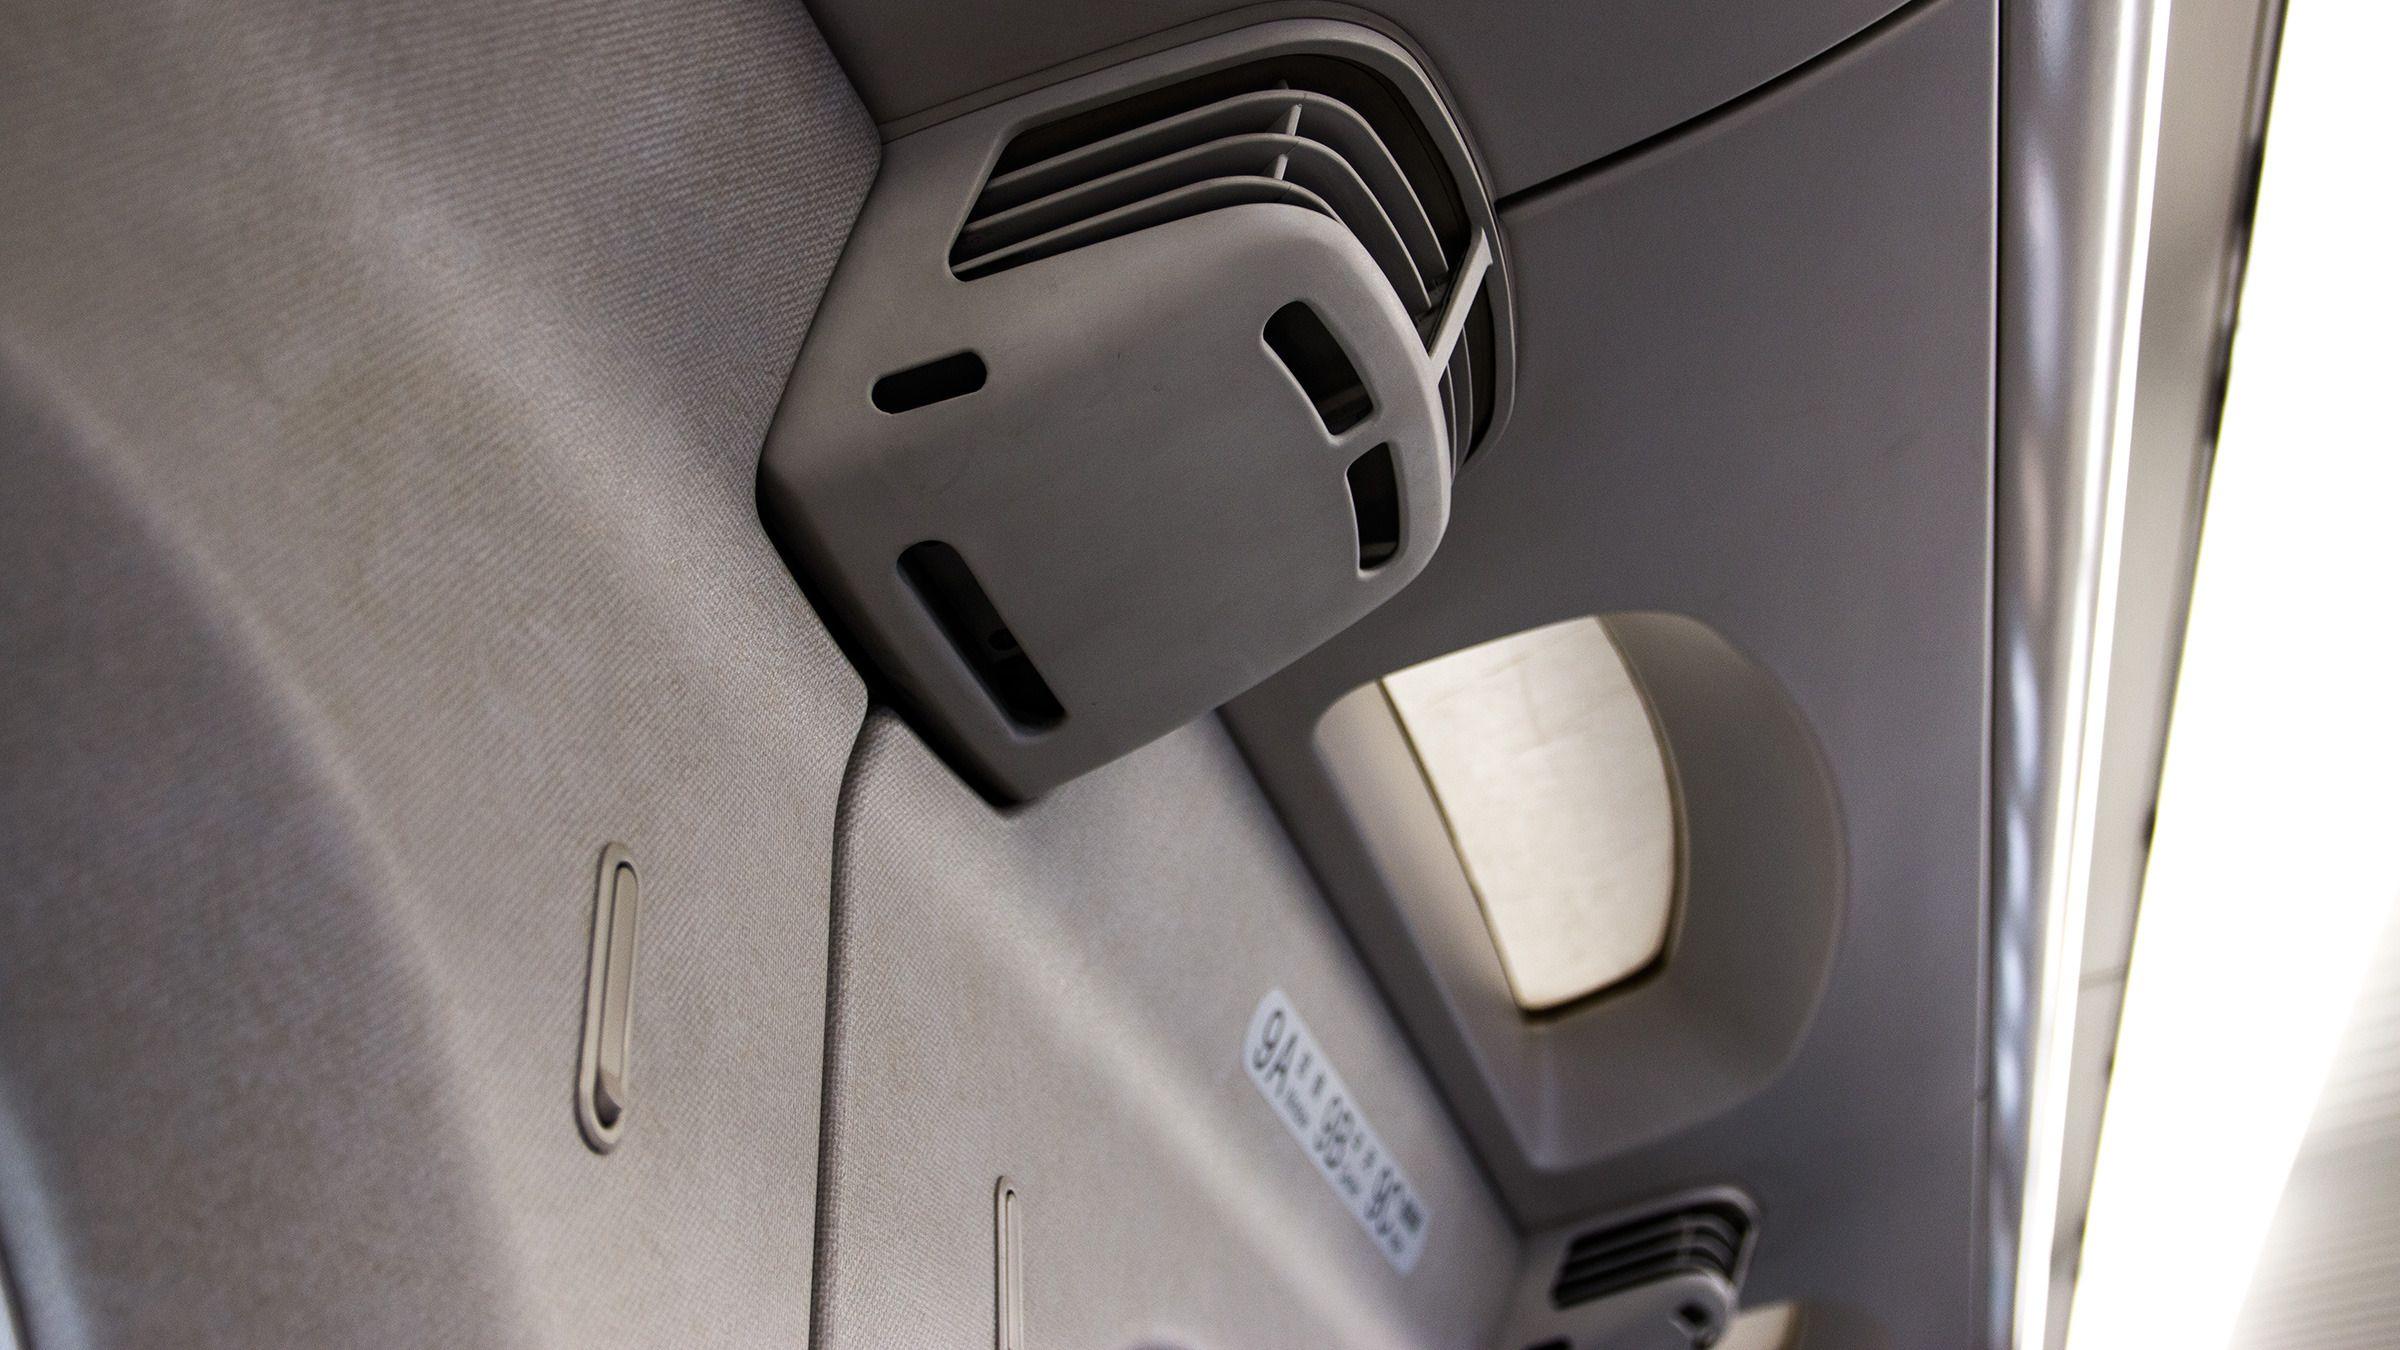 Stillegående klimaanlegg til hver seterad sørger for at temperaturen alltid er mest mulig behagelig for de reisende.Foto: Varg Aamo, Hardware.no